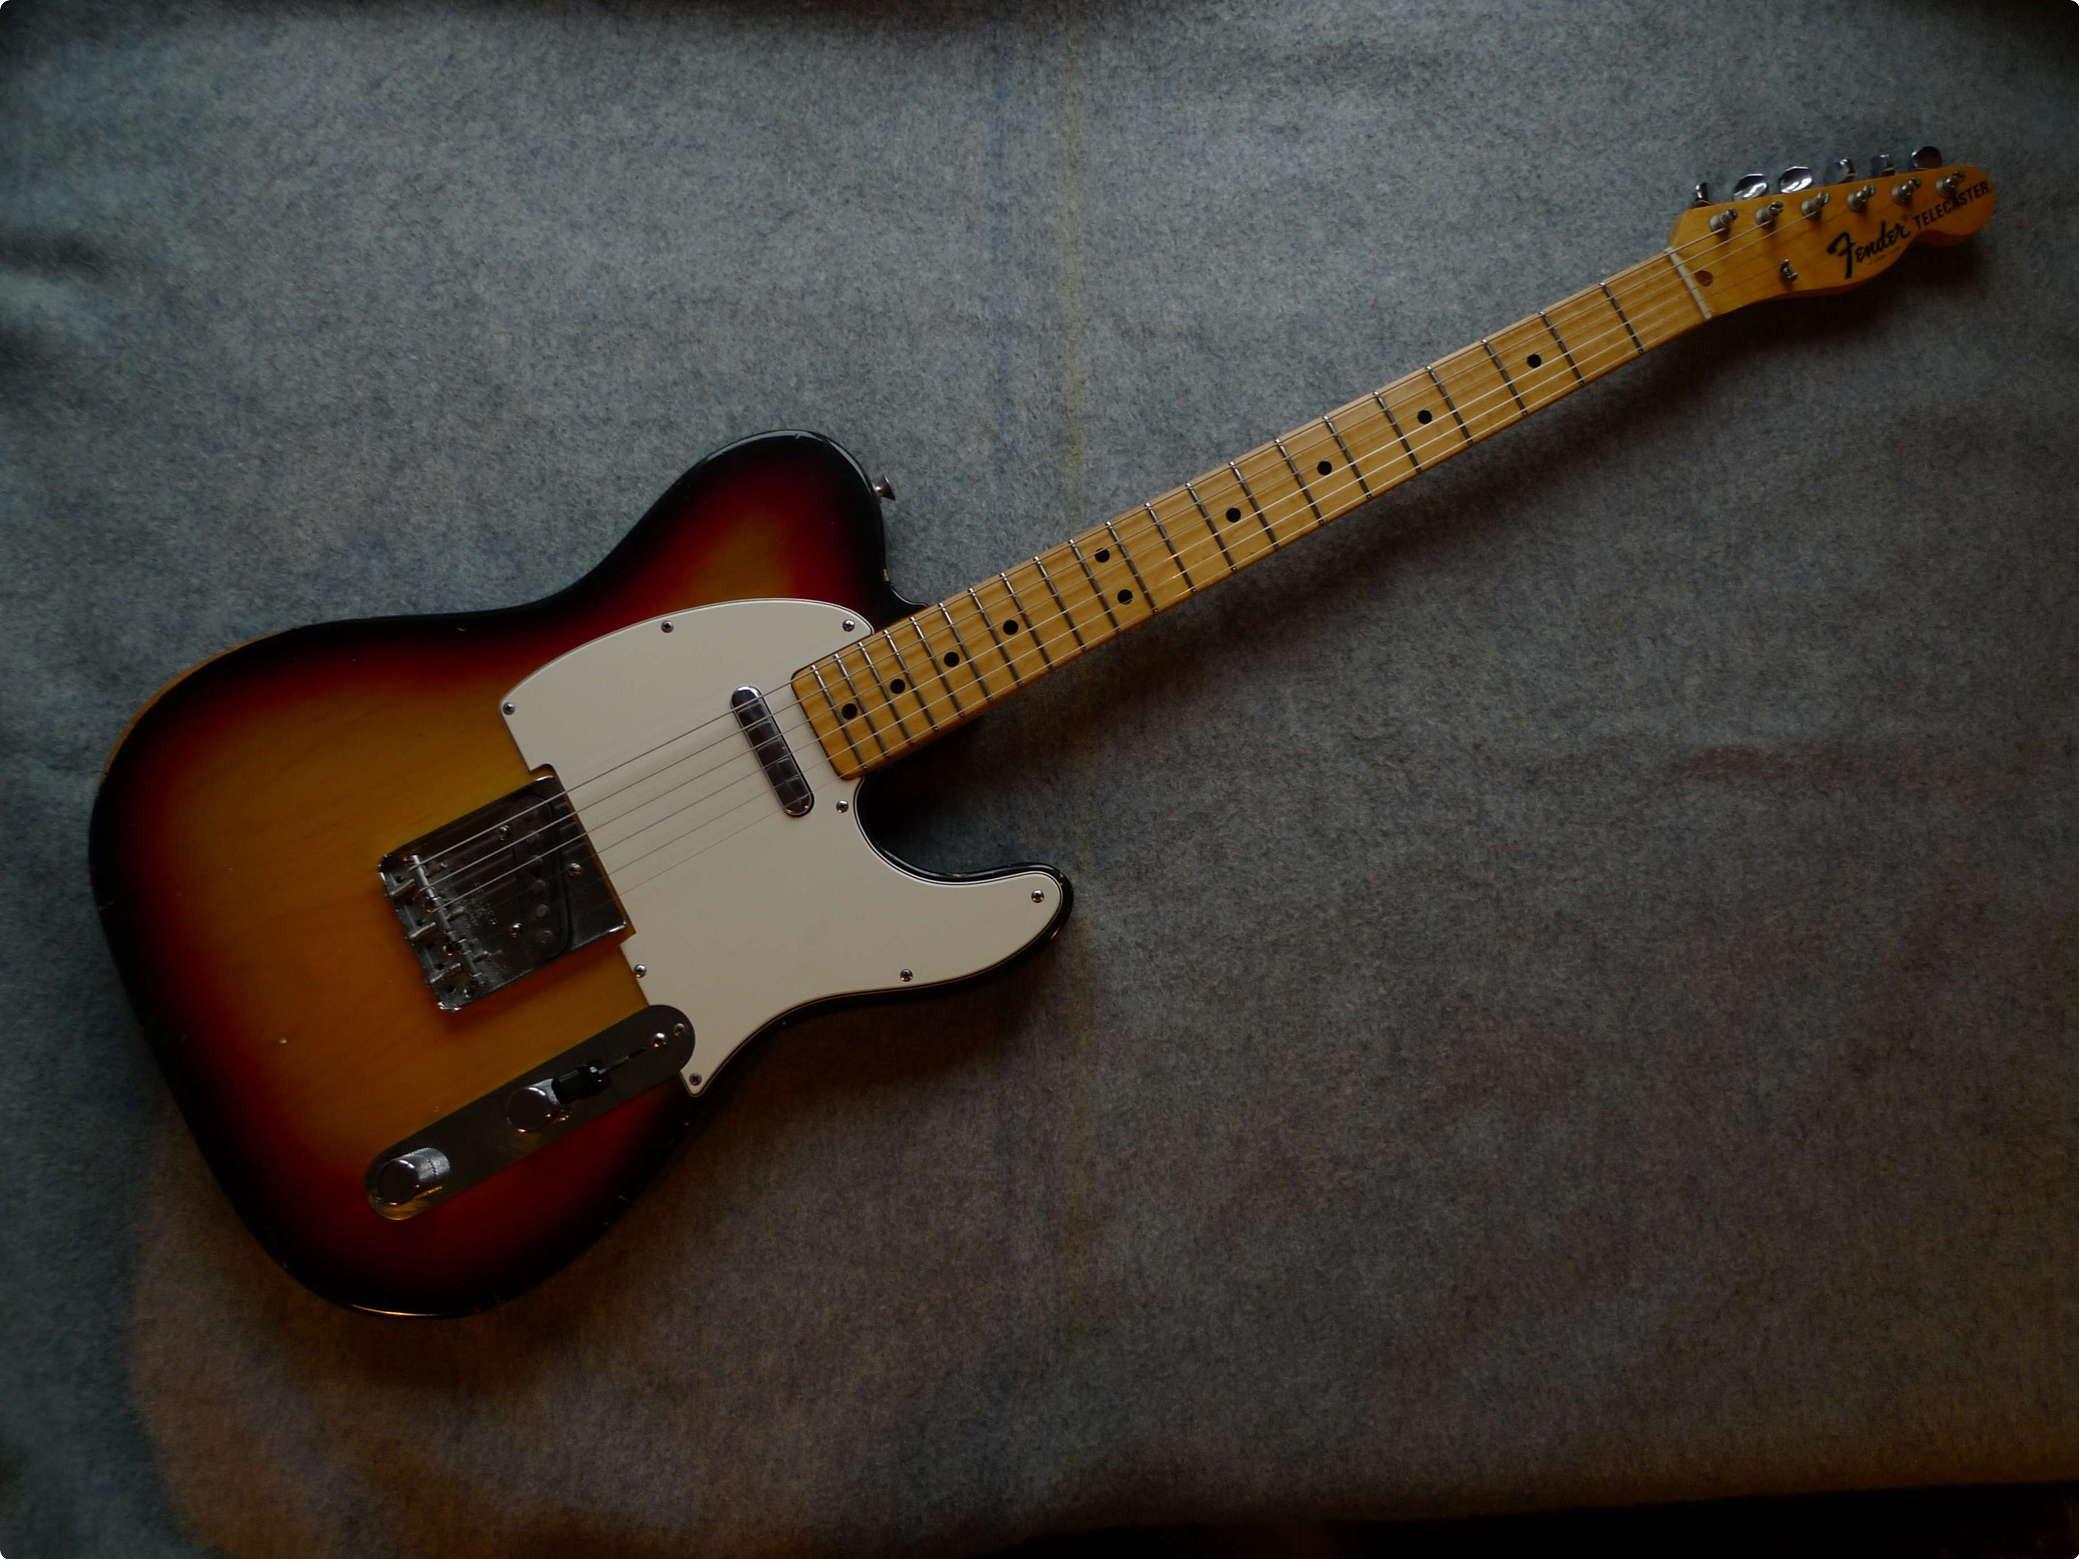 fender telecaster 1974 guitar for sale mean mojo guitars. Black Bedroom Furniture Sets. Home Design Ideas